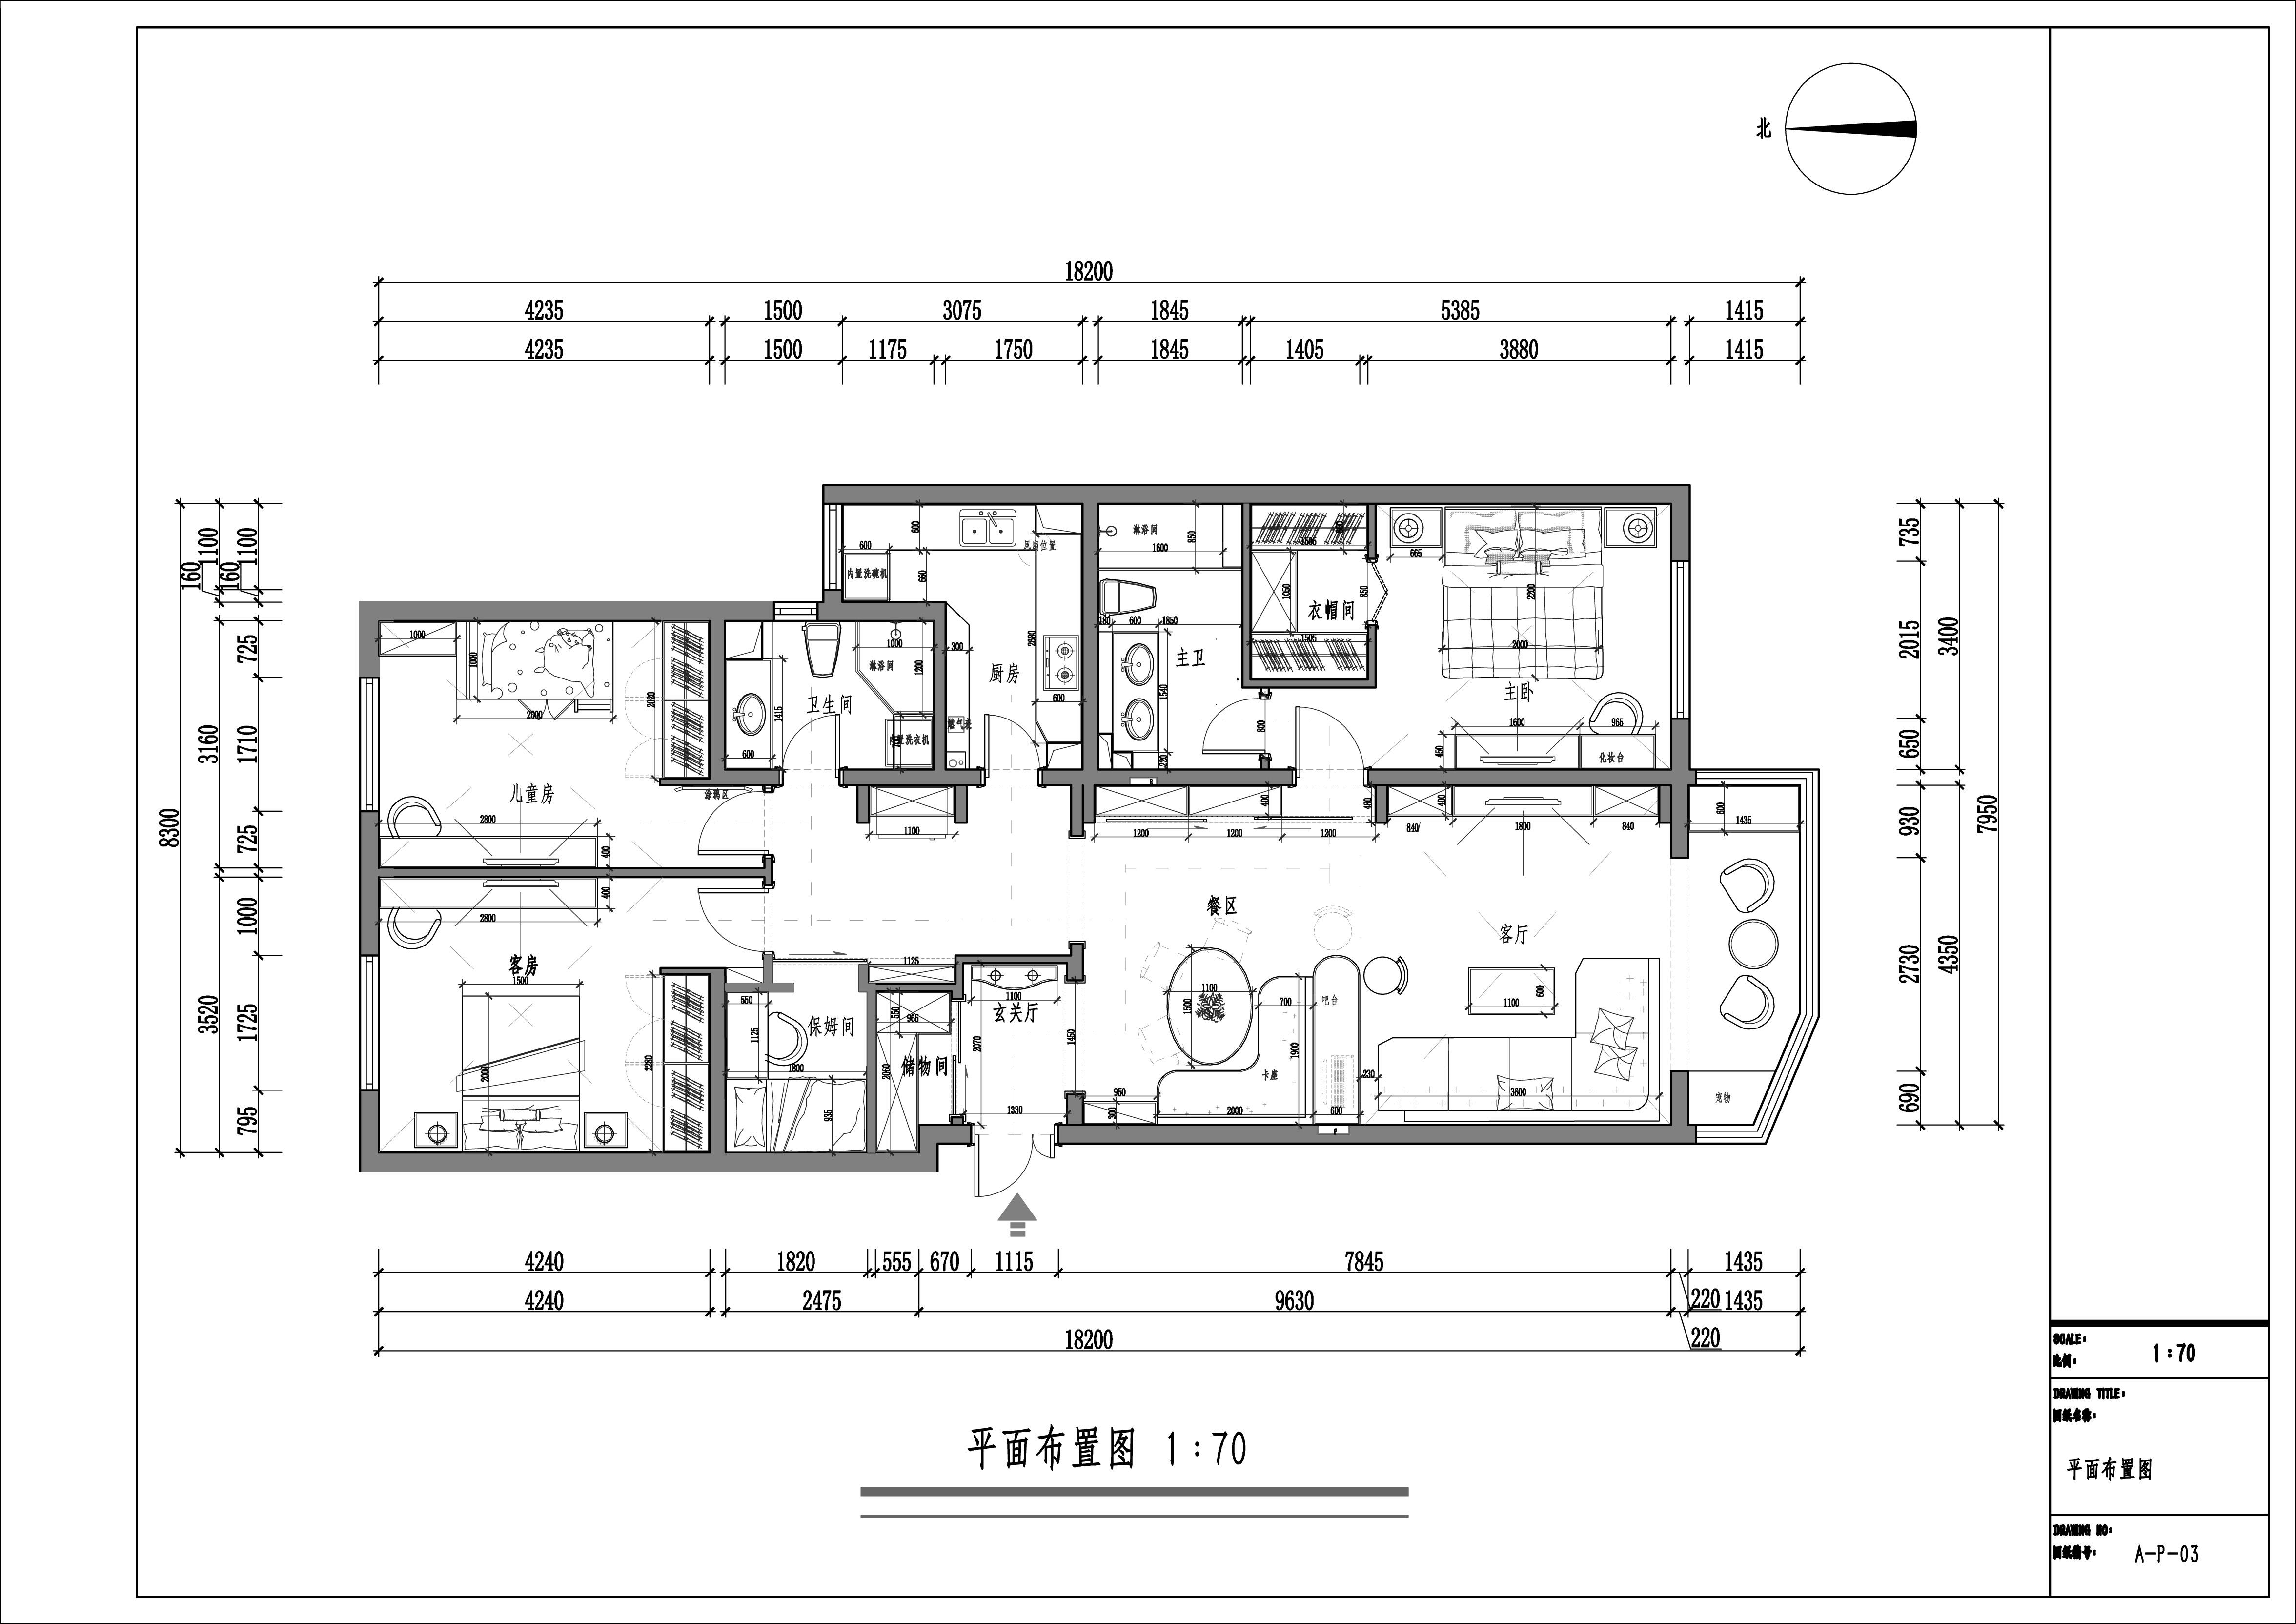 世纪城 简欧 120平米装修设计理念